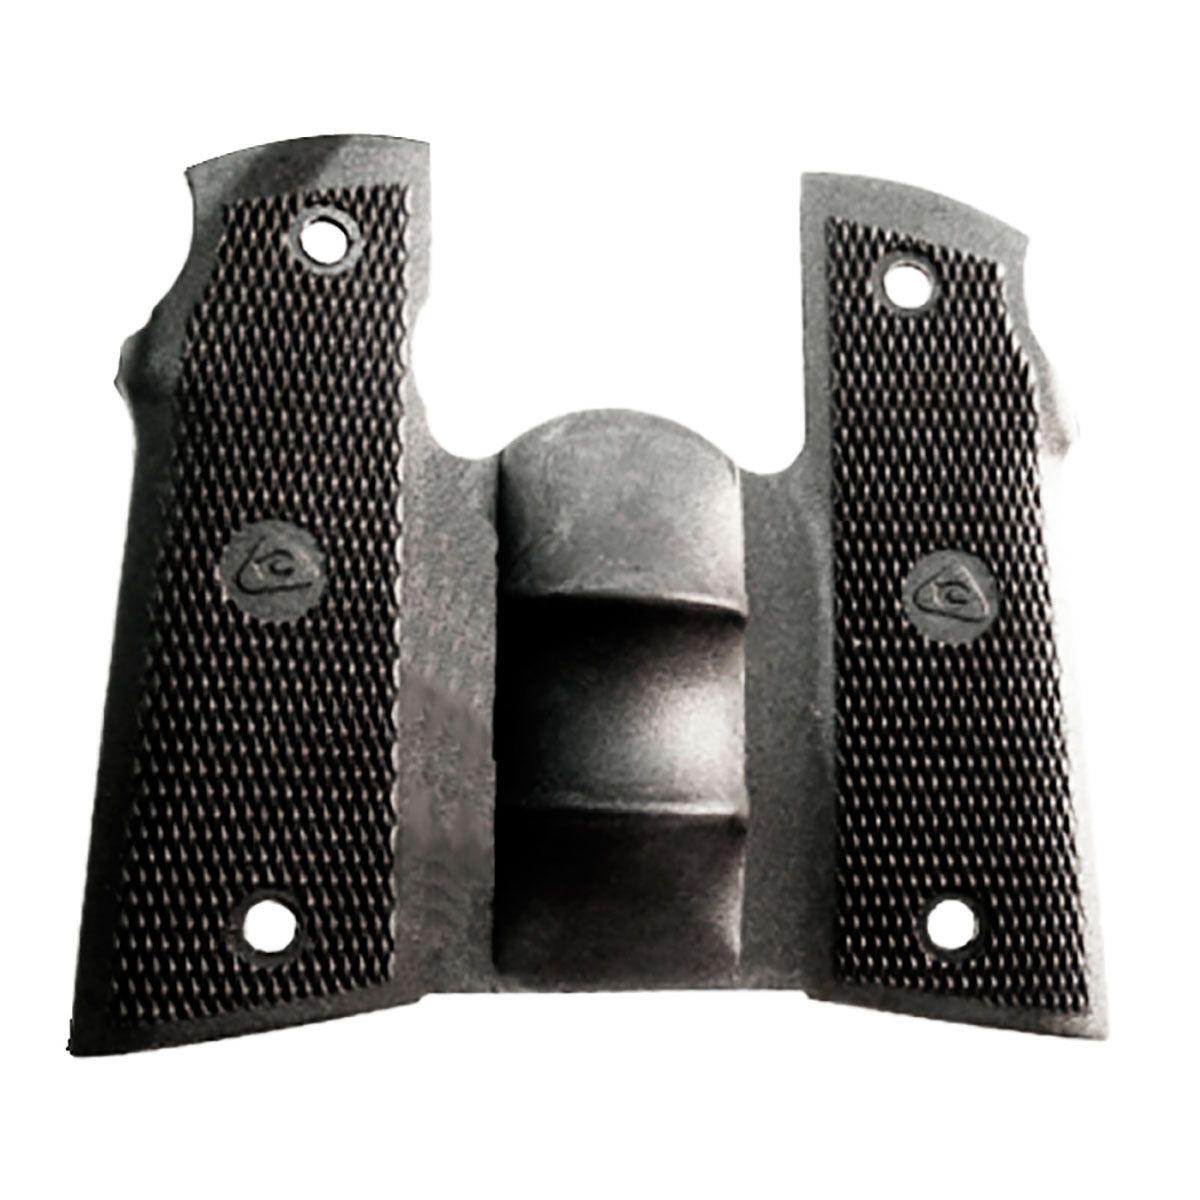 Empunhadura Combat Para Pistola- P IMBEL GC